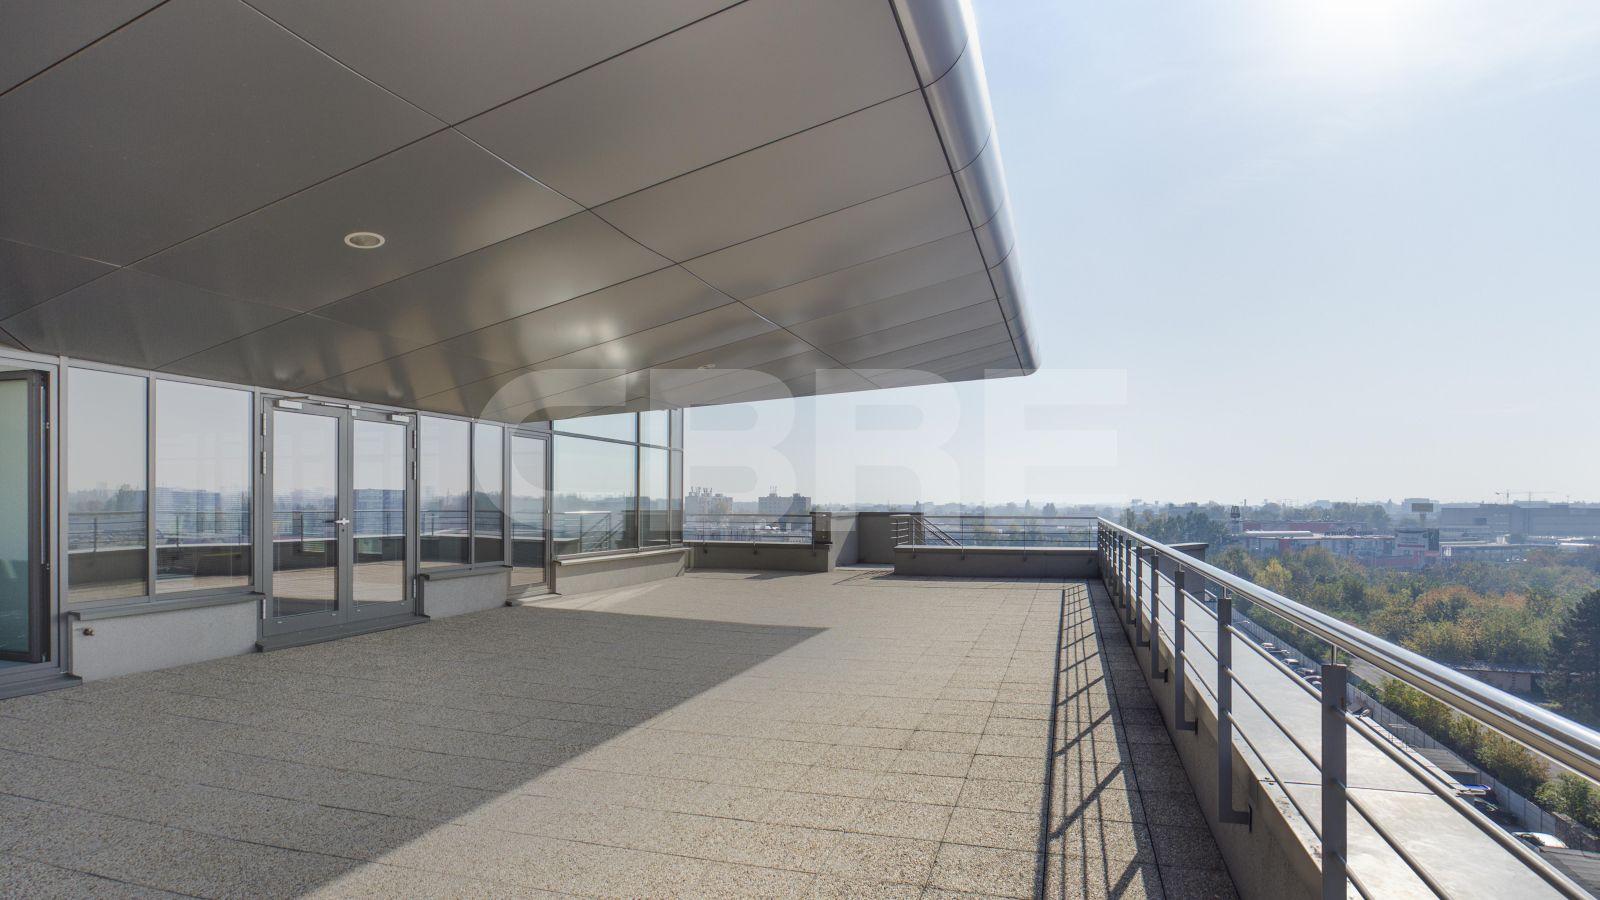 MicroStep - Vajnorská, Bratislava - Nové Mesto | Offices for rent by CBRE | 8